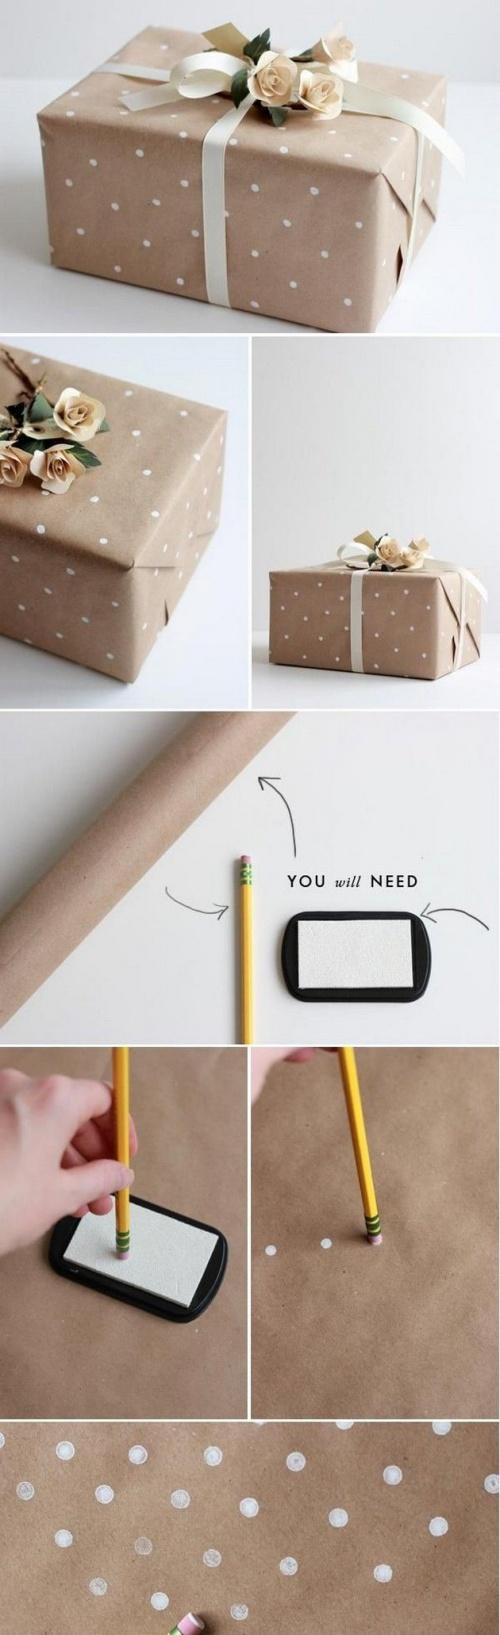 Как красиво упаковать подарок своими руками если нет коробки 585